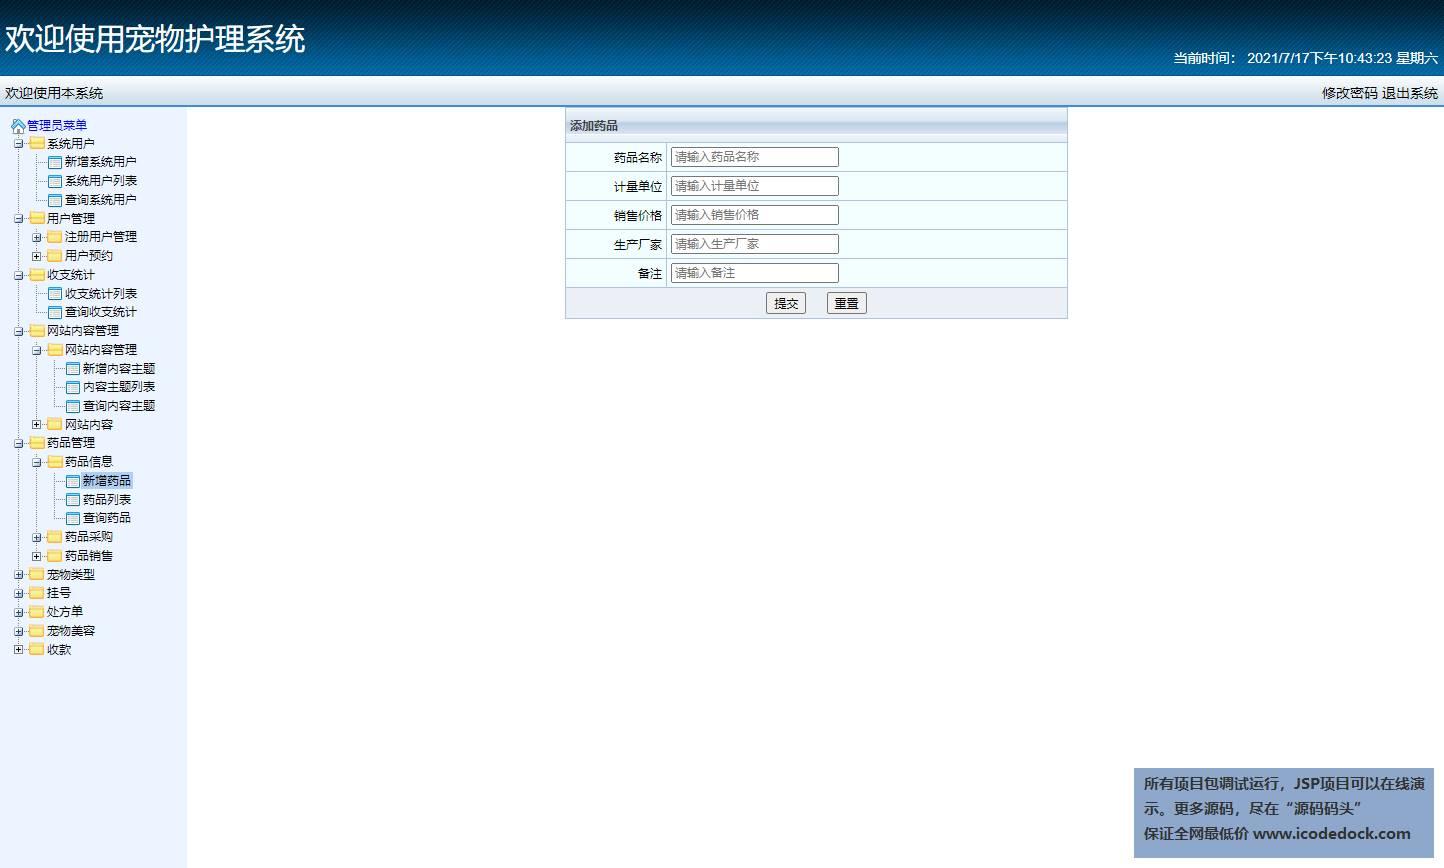 源码码头-SSH实现的一个在线宠物医院-管理员角色-药品信息管理